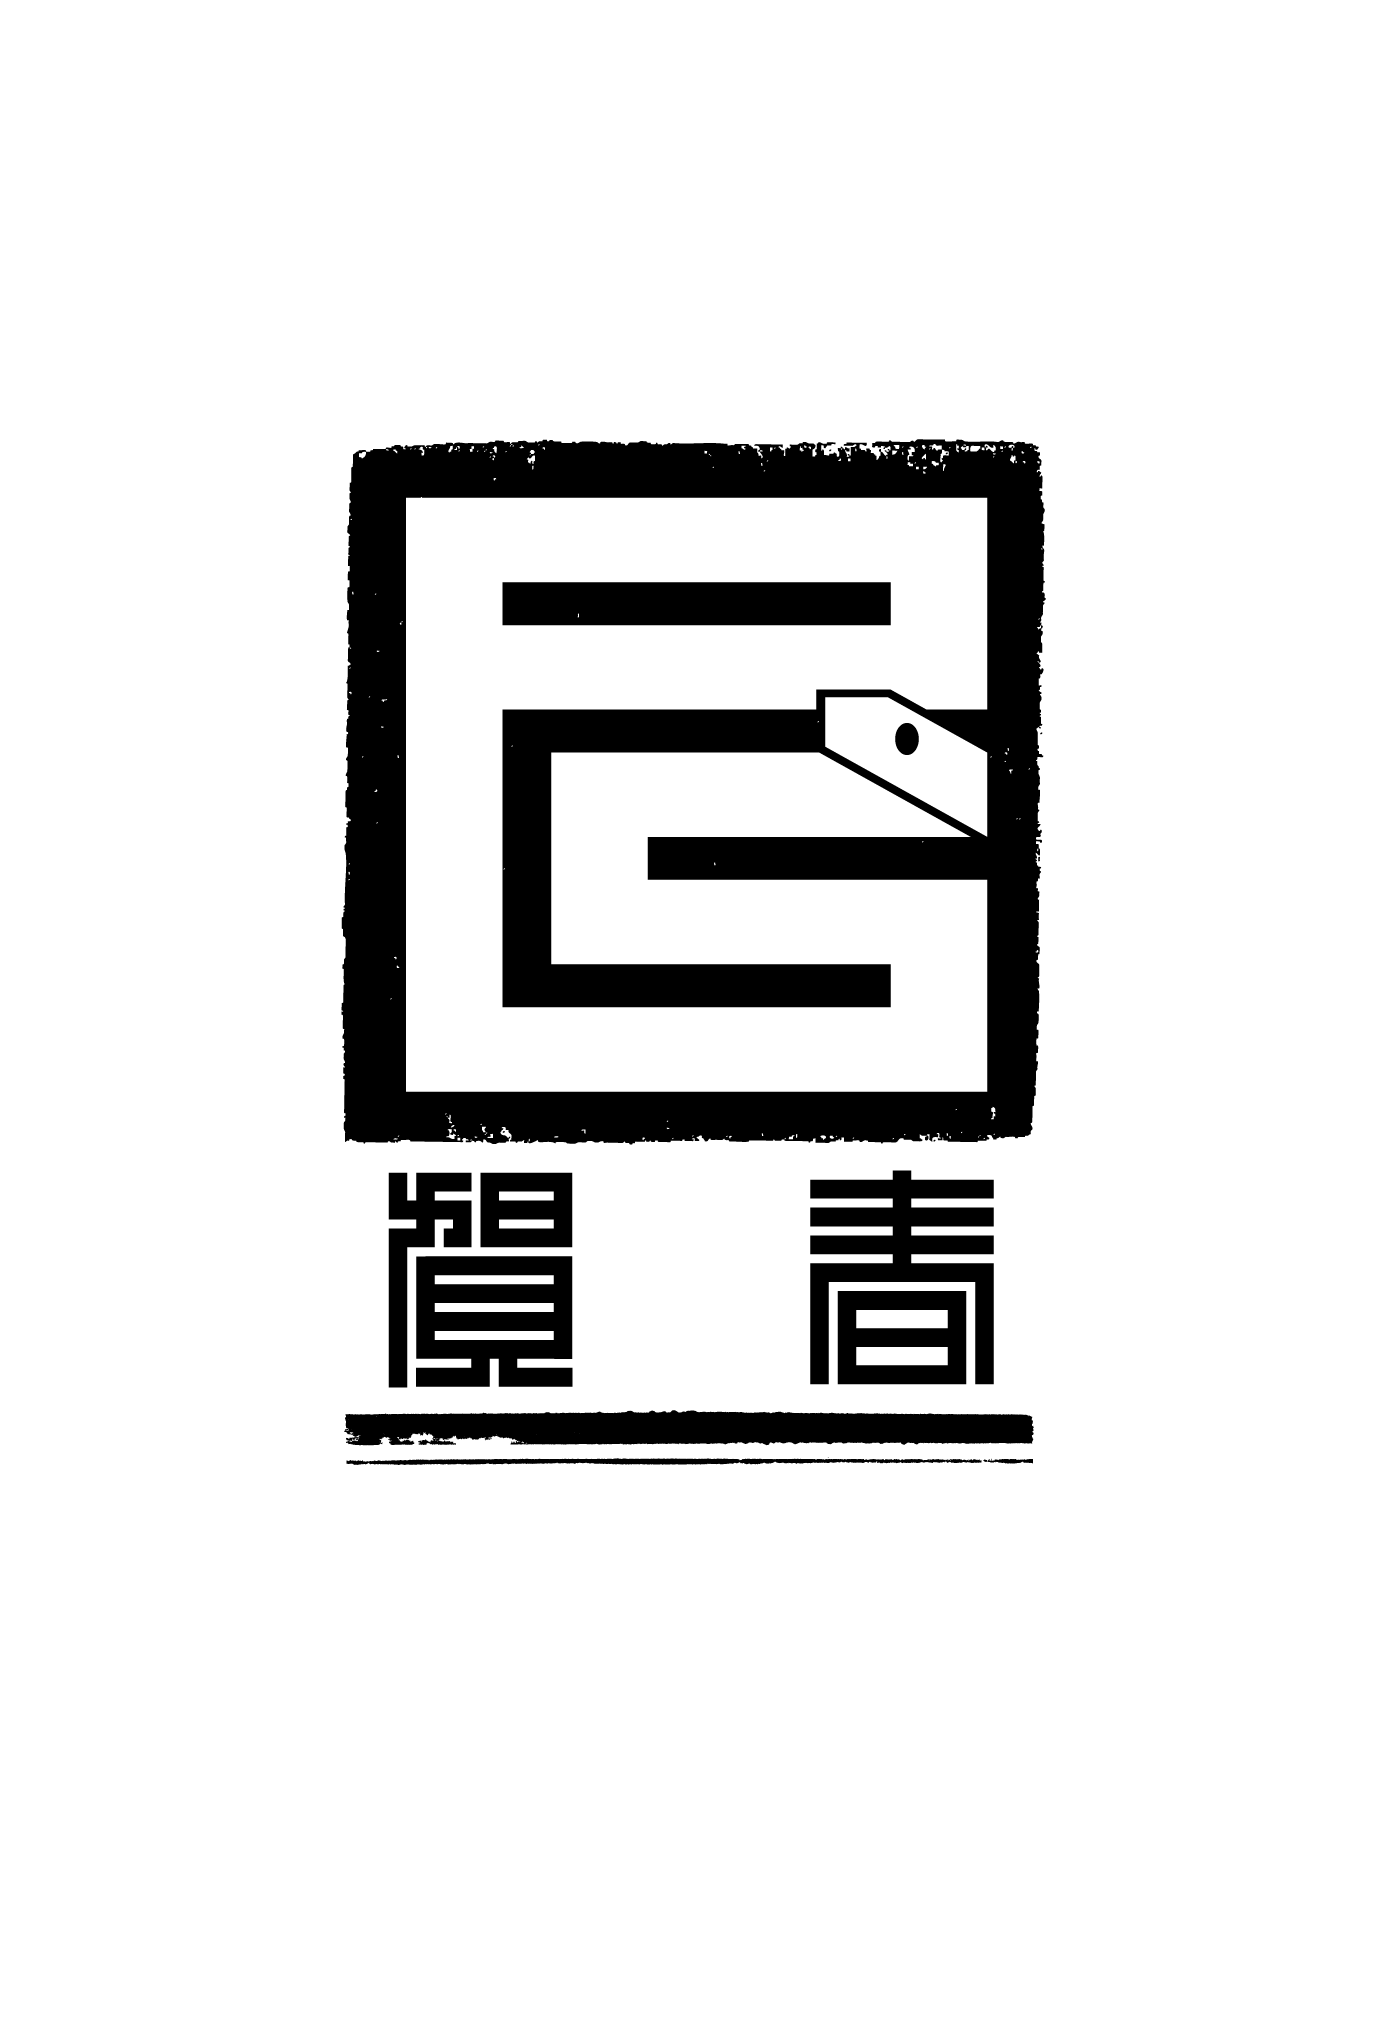 2013年賀状14-2:江戸角字(巳賀春)/ 2のダウンロード画像